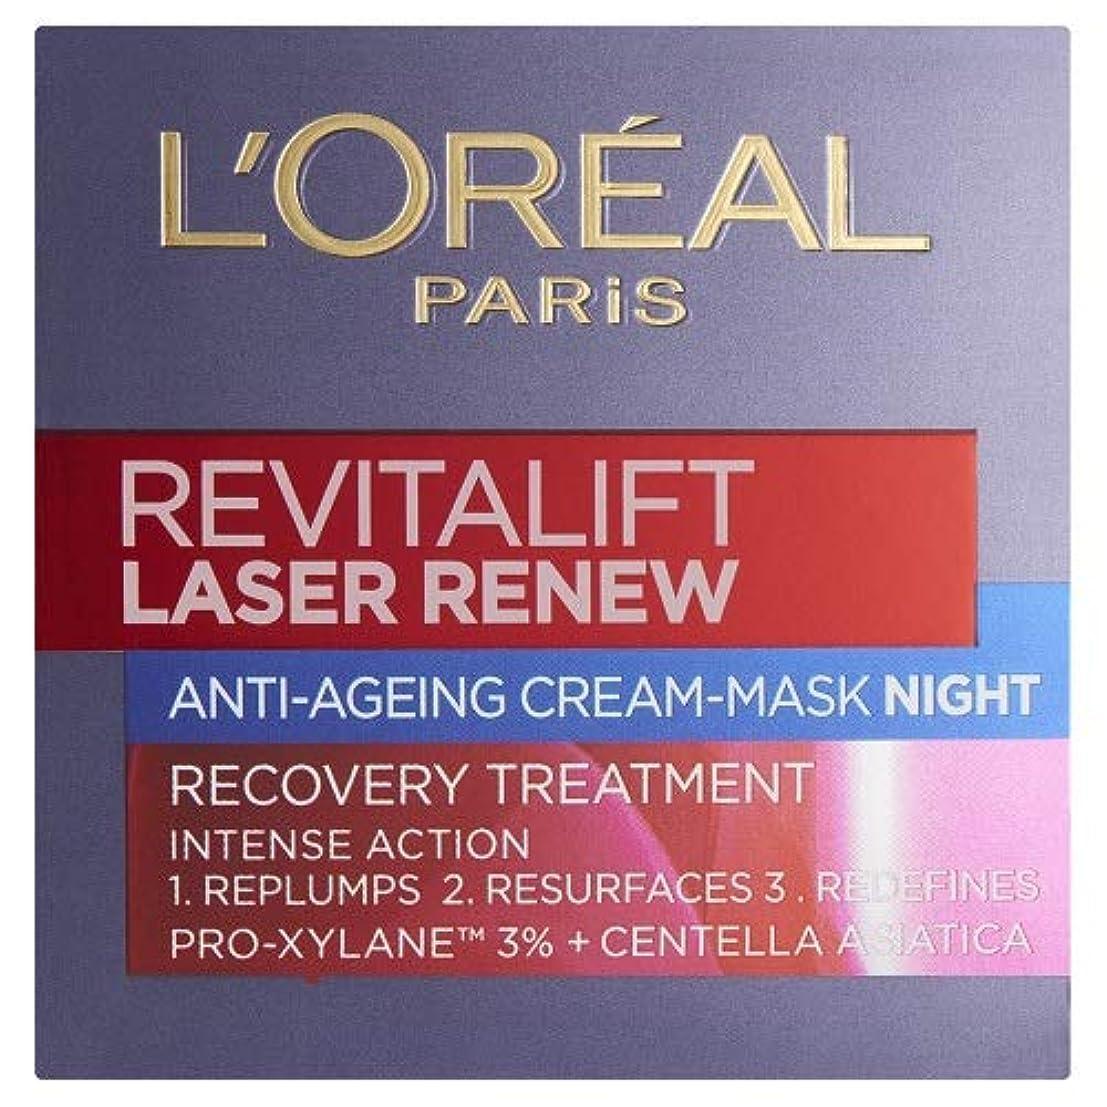 アノイスローガン出くわすL'Oreal Paris Revitalift Laser Renew Night Cream (50ml) パリrevitaliftレーザーはナイトクリームを更新l'オラ?ら( 50ミリリットル)